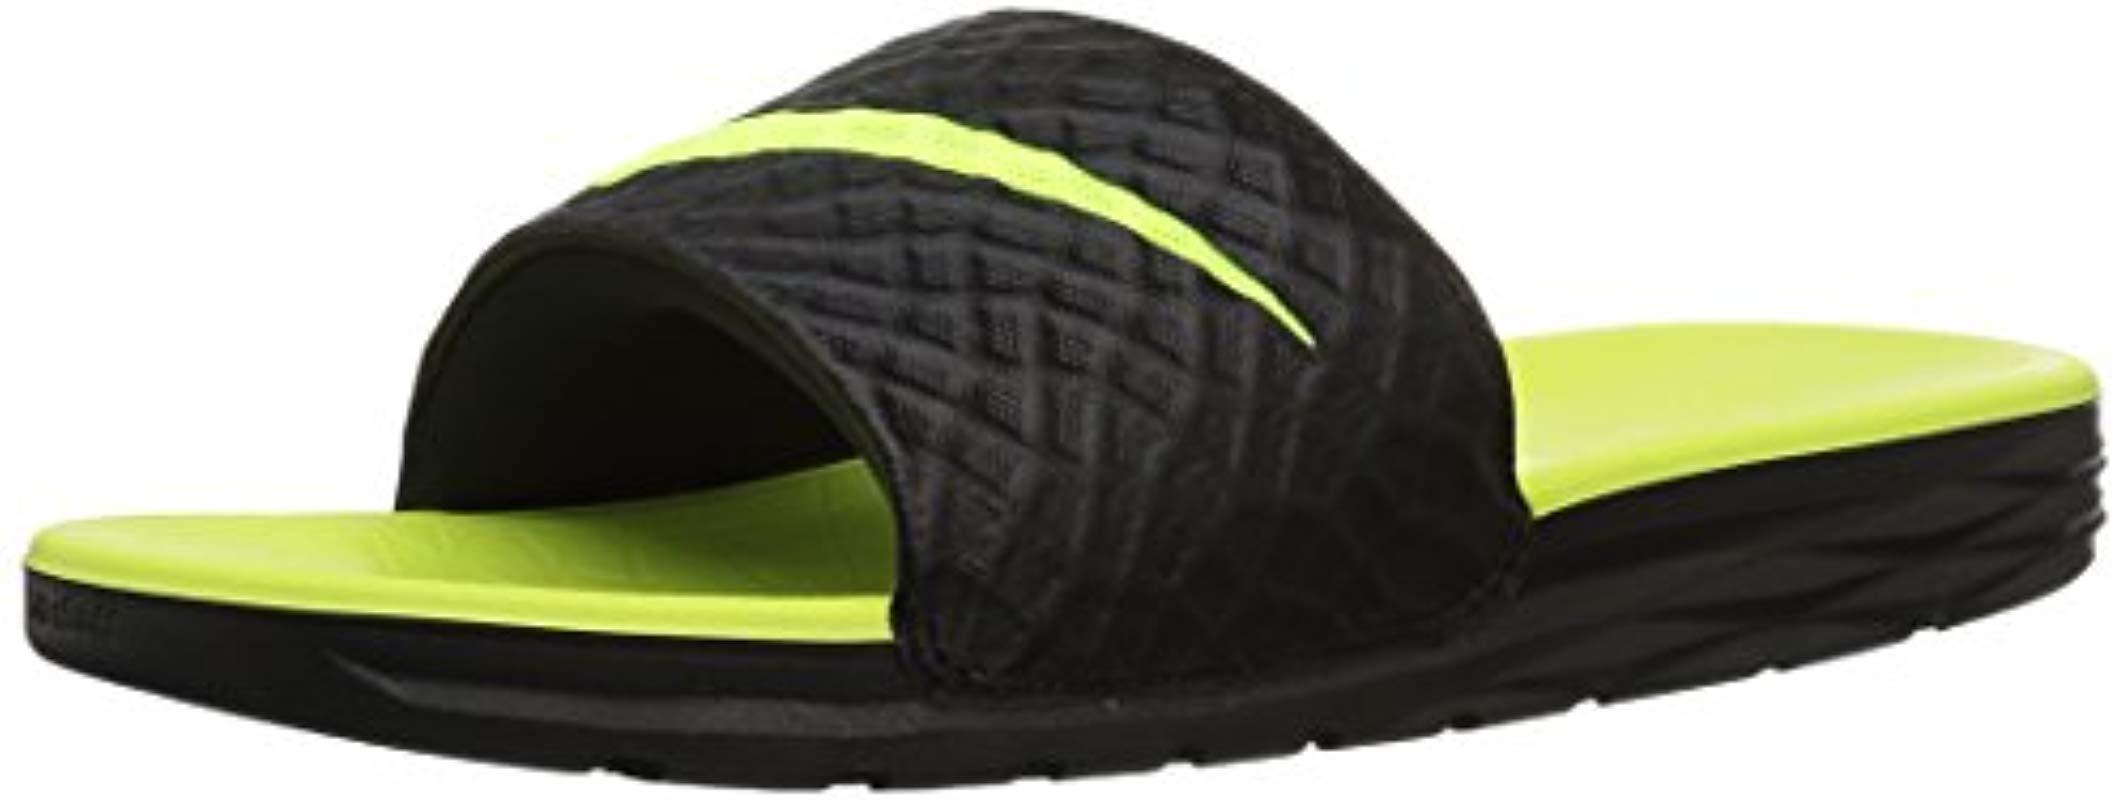 fec62af2bff9 Nike Benassi Solarsoft Beach   Pool Shoes Black in Black for Men ...